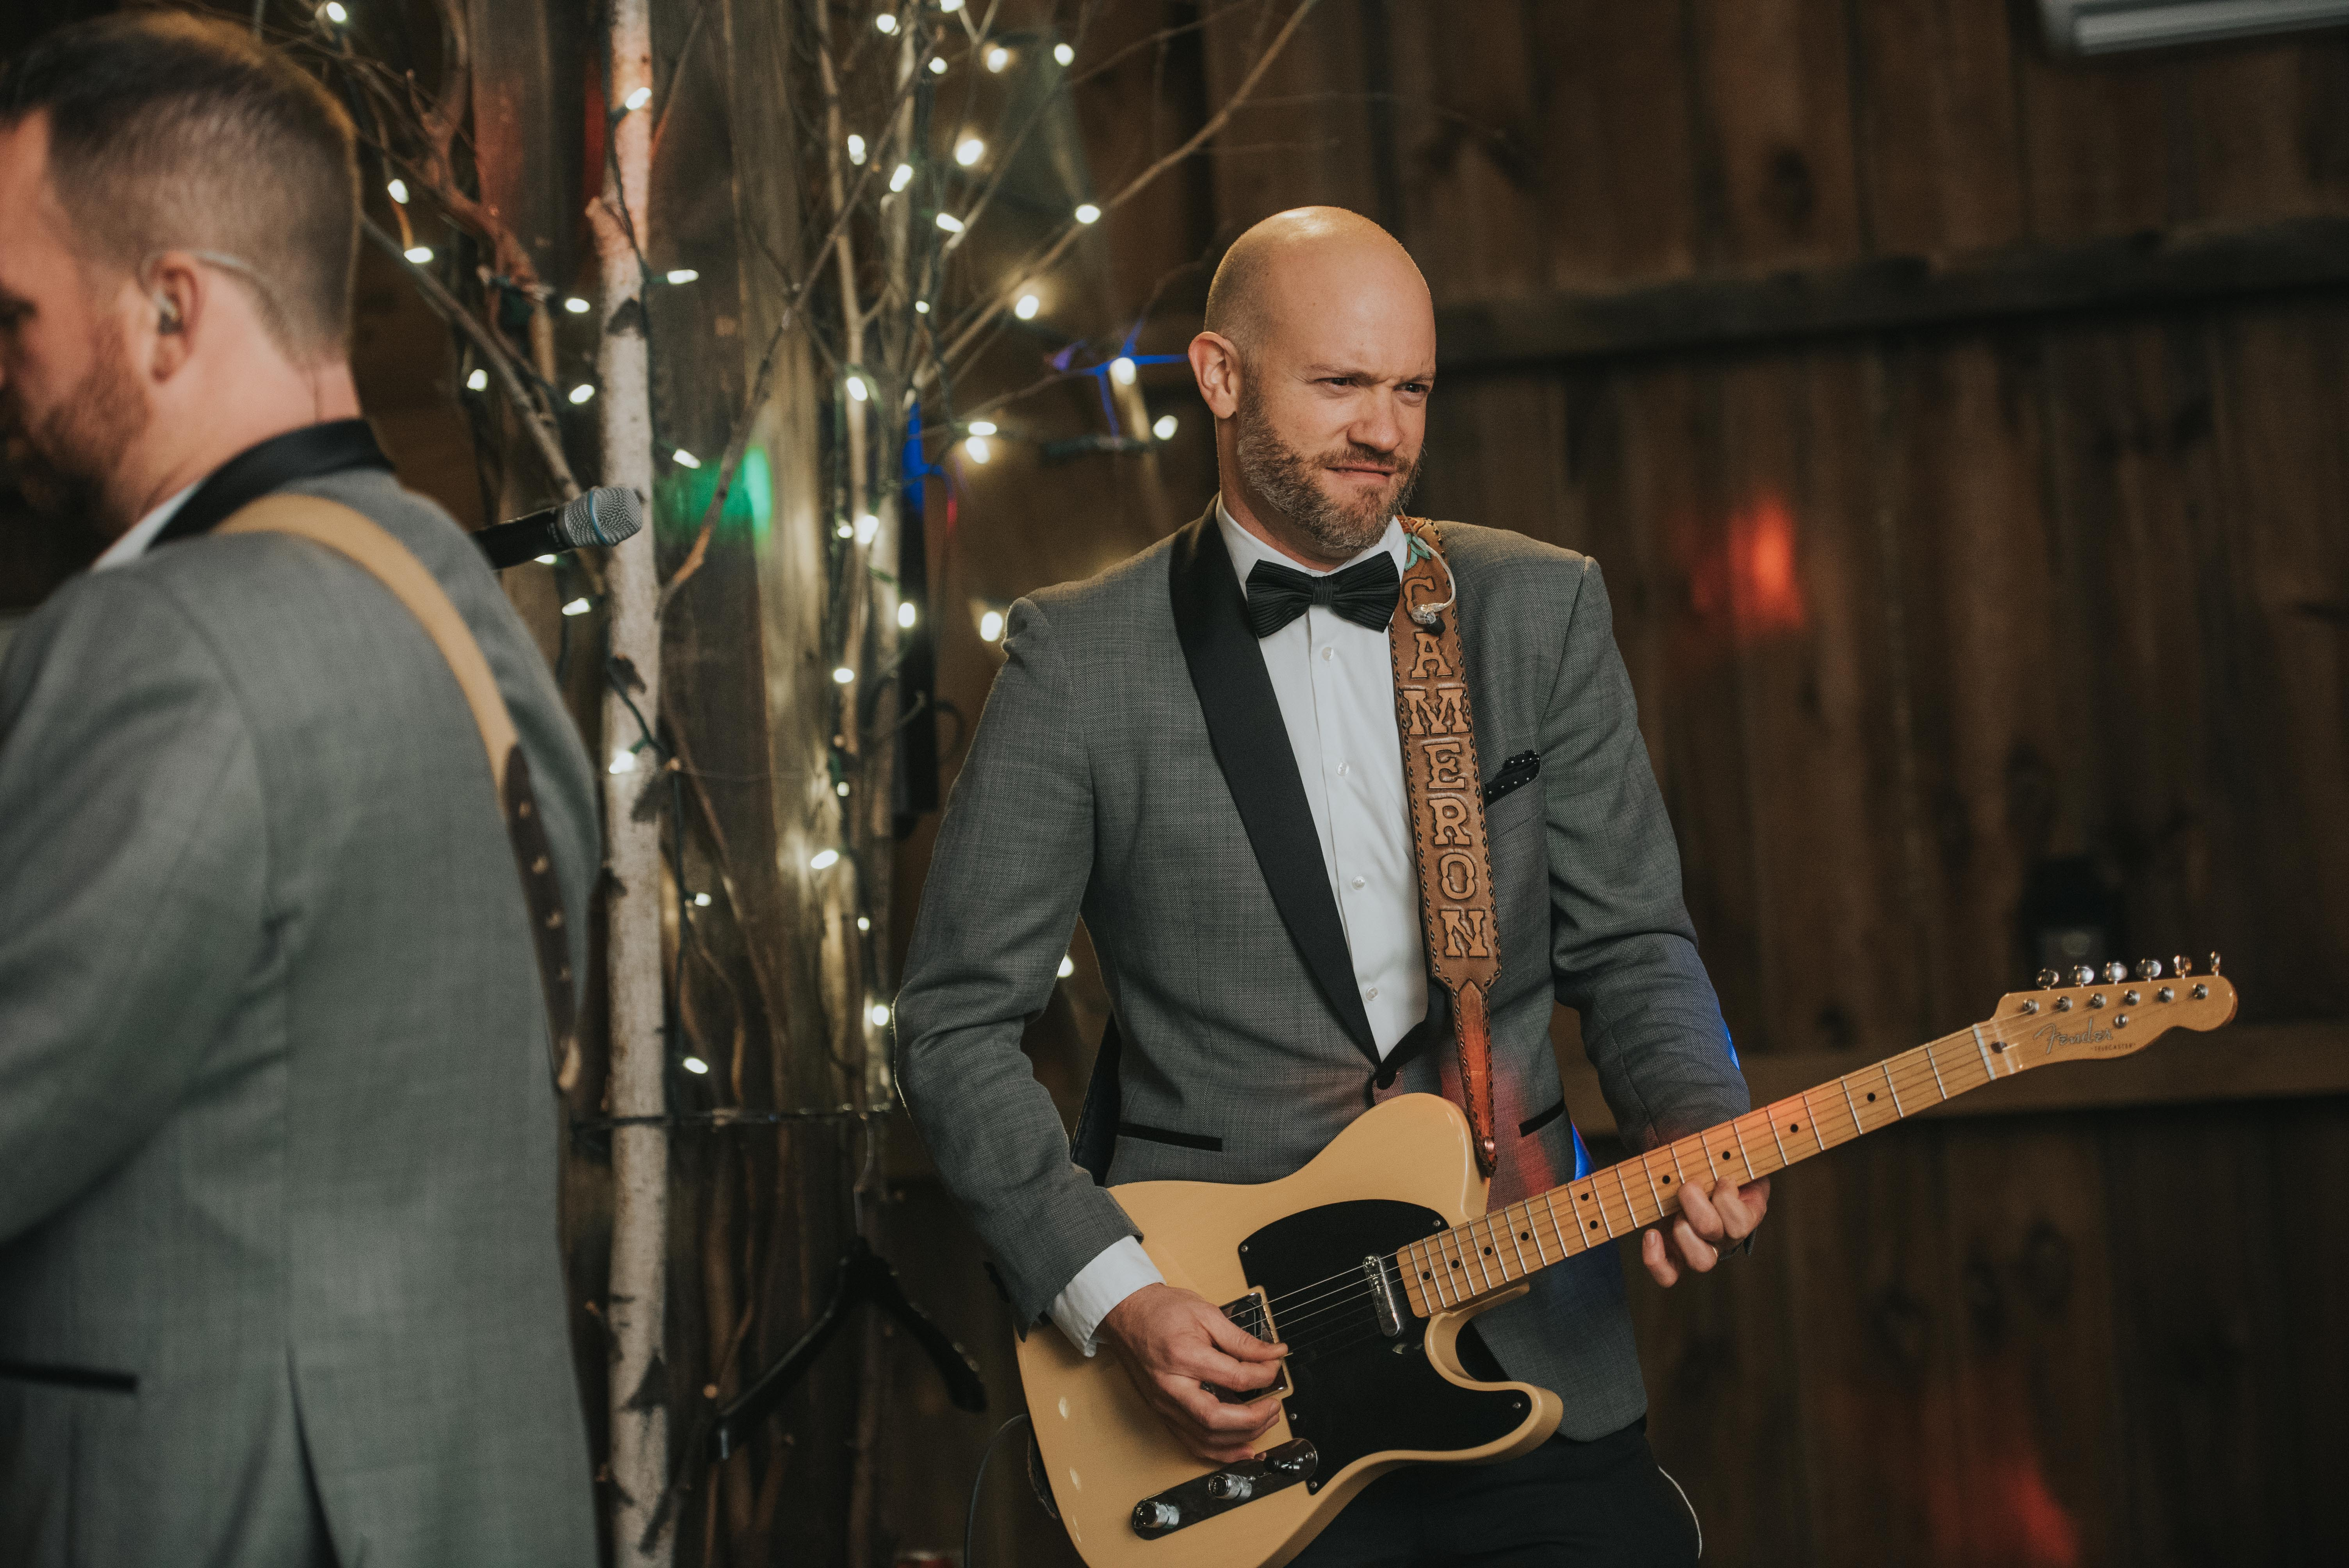 The Barnstorm - Wedding Band